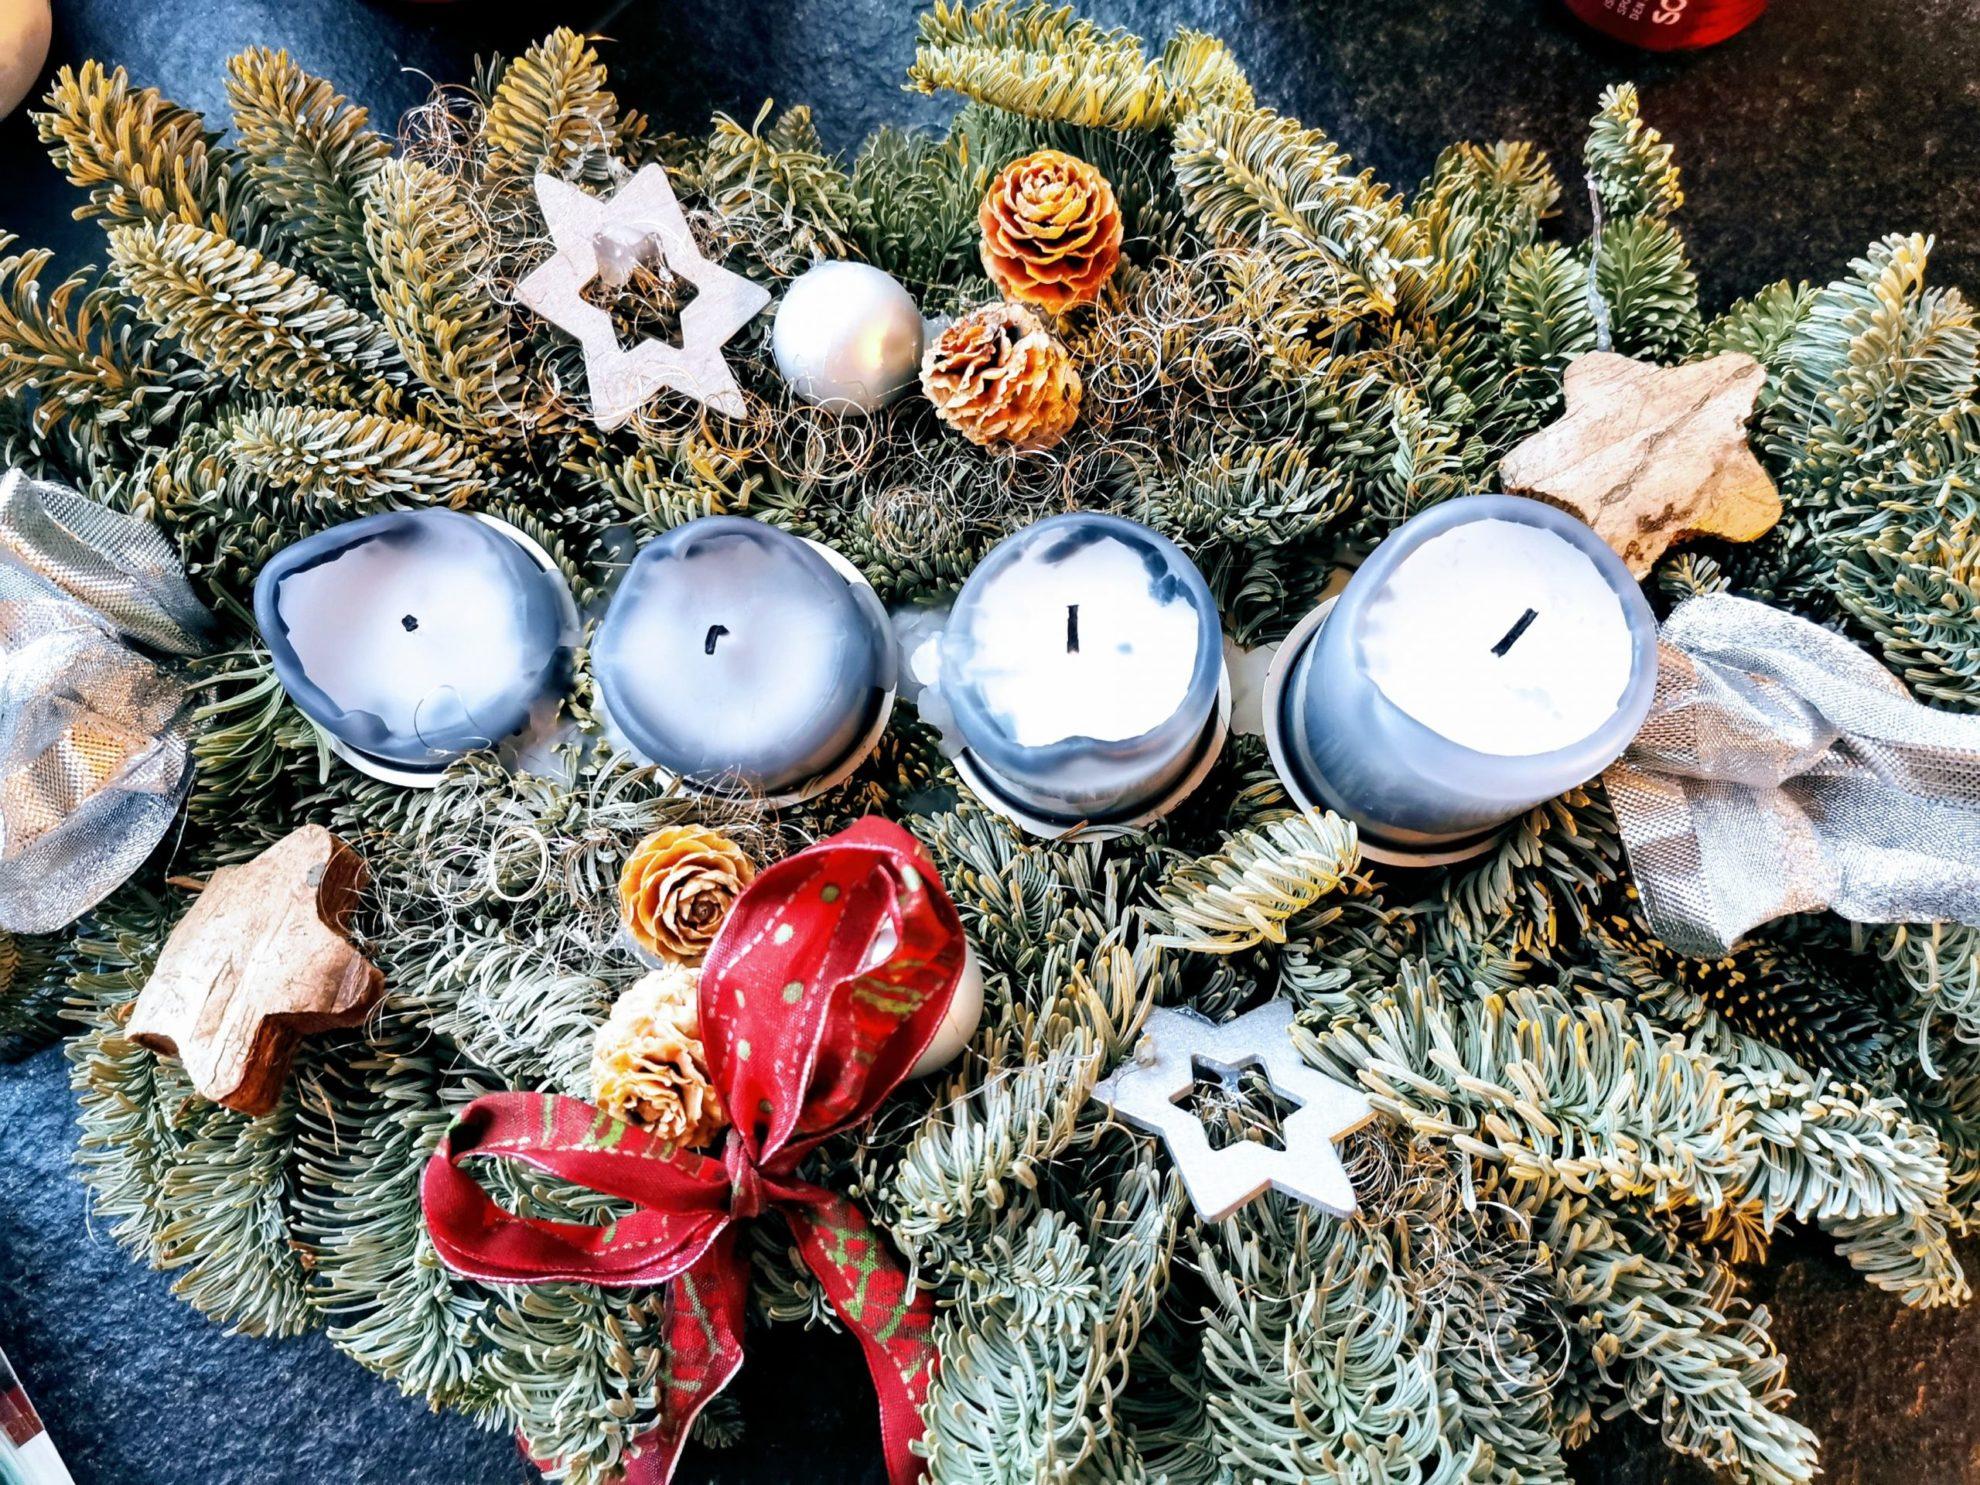 Winterpause, Weihnachten bei Puddingklecks, Auszeit